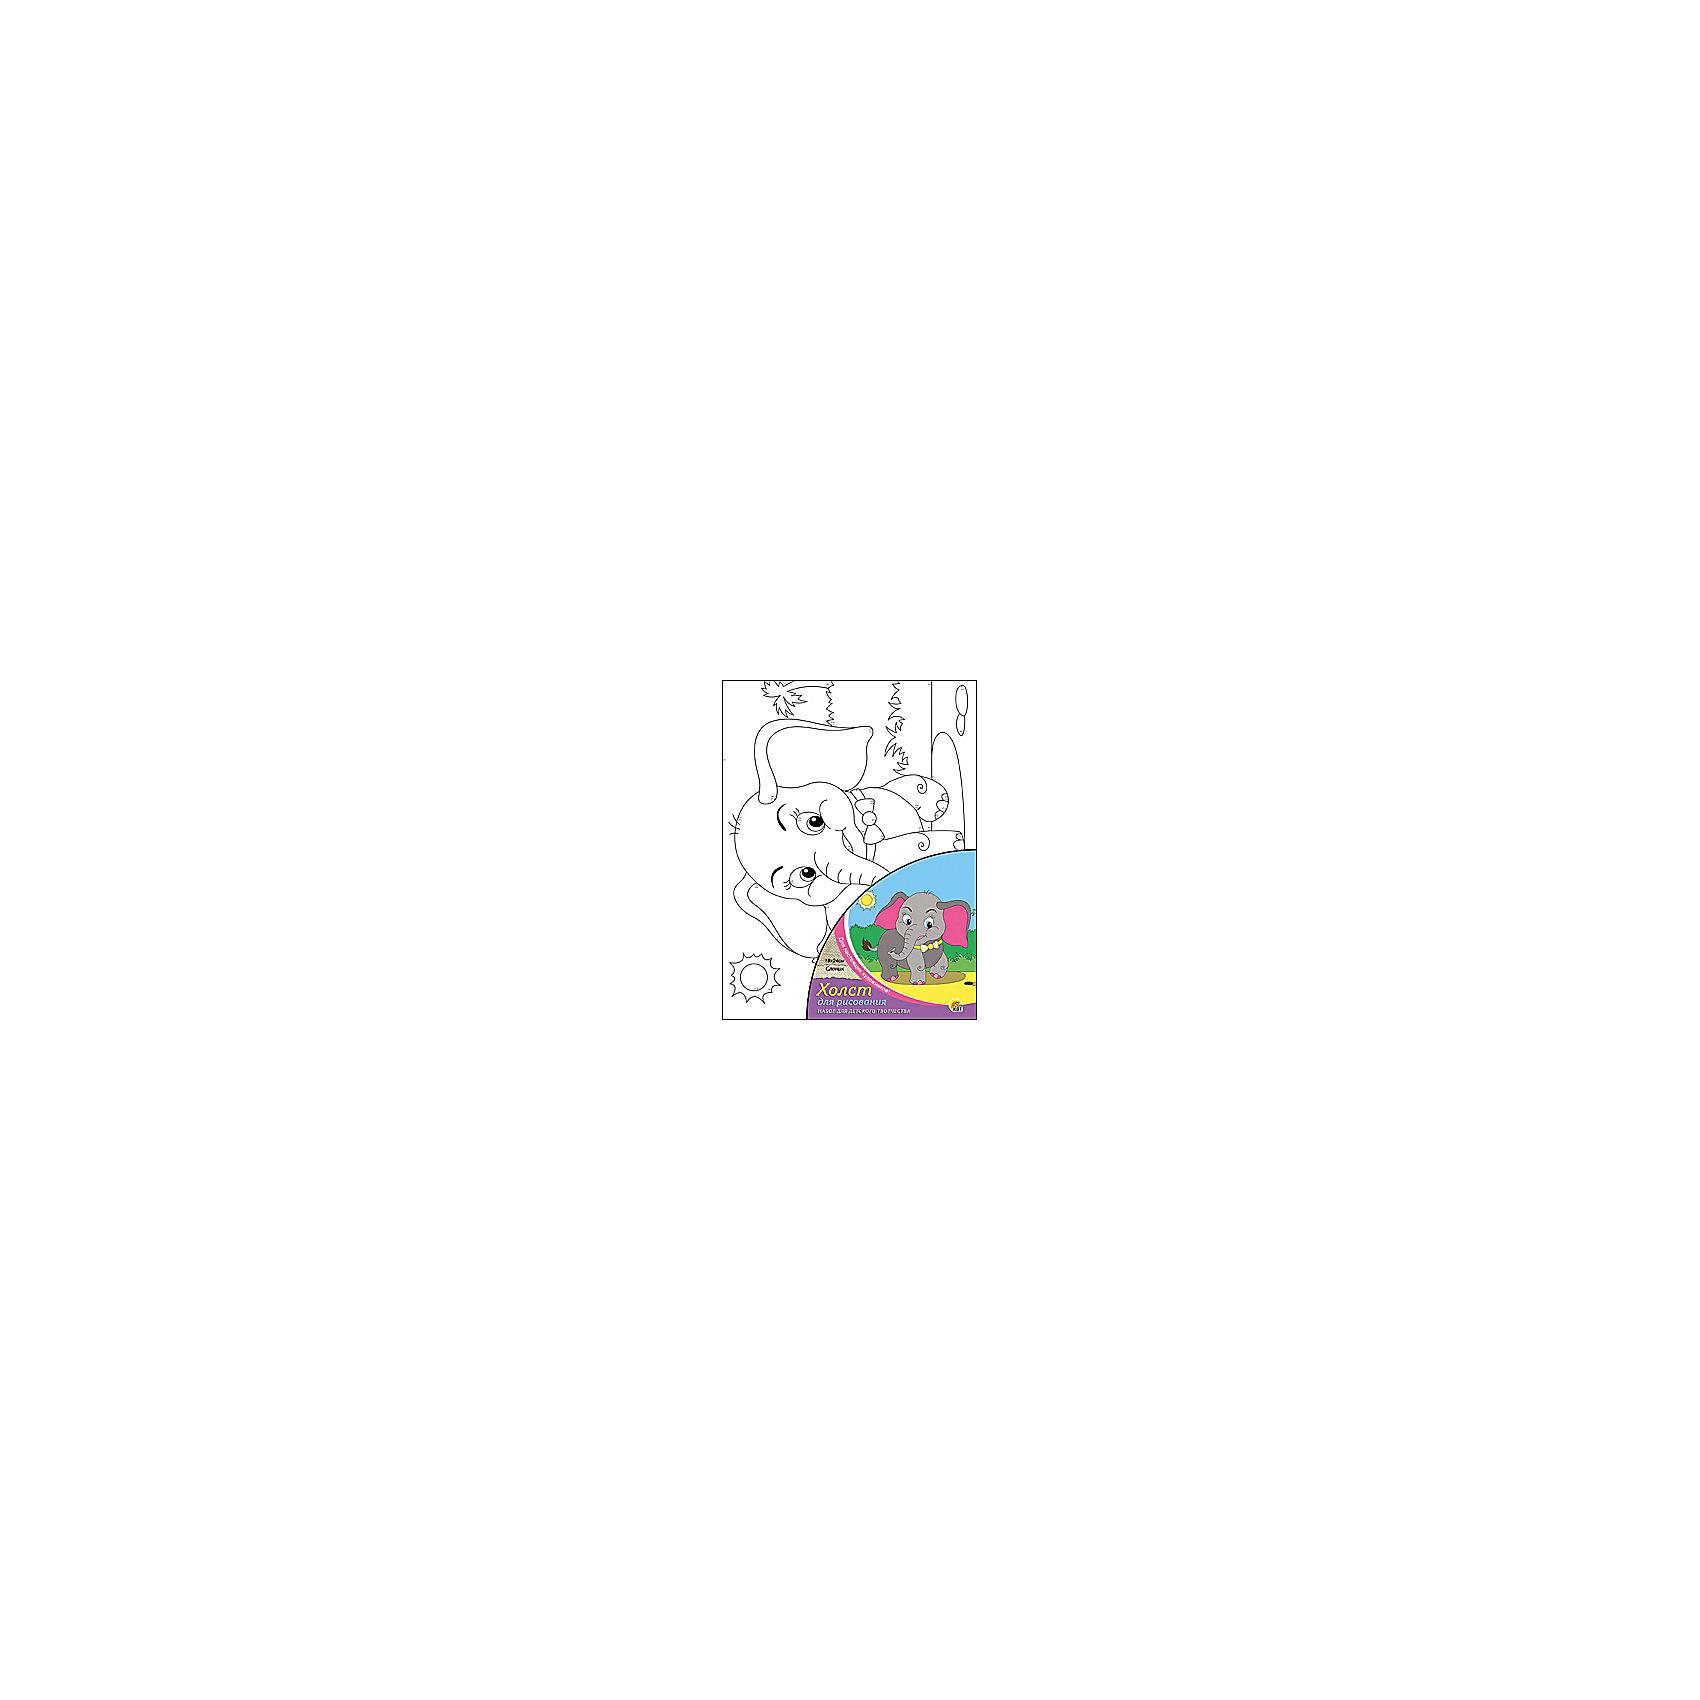 Холст с красками по номерам Слоник, 18х24 смСлоник - набор для детского творчества. Ребенку предстоит раскрасить холст с нанесенным эскизом по номерам. Прекрасно развивает аккуратность, внимание и усидчивость. Такой набор обязательно понравится начинающим художникам!<br><br>Дополнительная информация:<br>В наборе: холст-эскиз, 7 баночек с акриловой краской, кисточка<br>Размер: 18х1,5х24 см<br>Вес: 180 грамм<br>Вы можете приобрести набор Слоник в нашем интернет-магазине.<br><br>Ширина мм: 240<br>Глубина мм: 15<br>Высота мм: 180<br>Вес г: 180<br>Возраст от месяцев: 36<br>Возраст до месяцев: 120<br>Пол: Унисекс<br>Возраст: Детский<br>SKU: 4939517